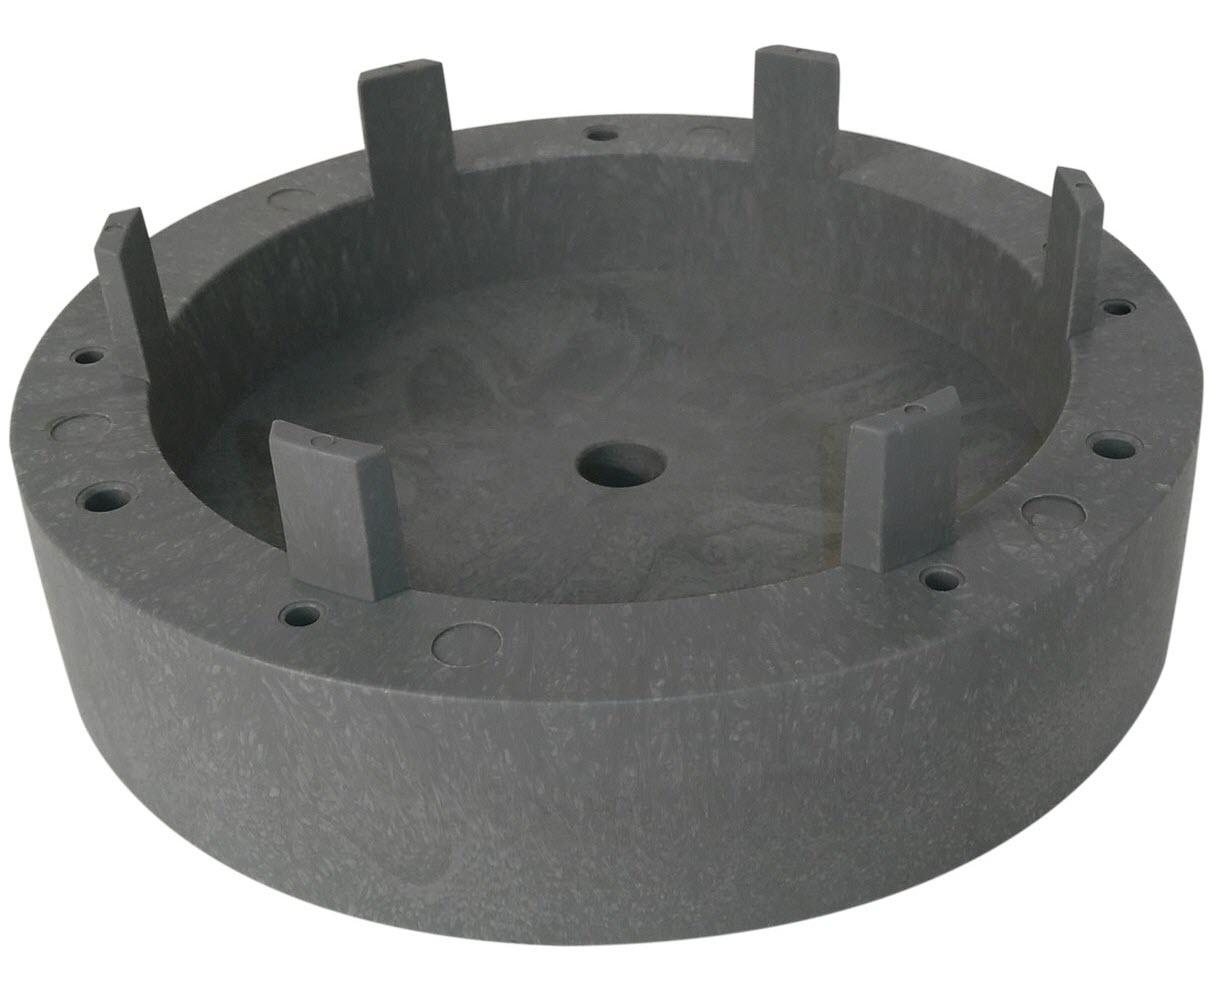 Floor Machine Rotary Pad Replacement Riser, 1.25